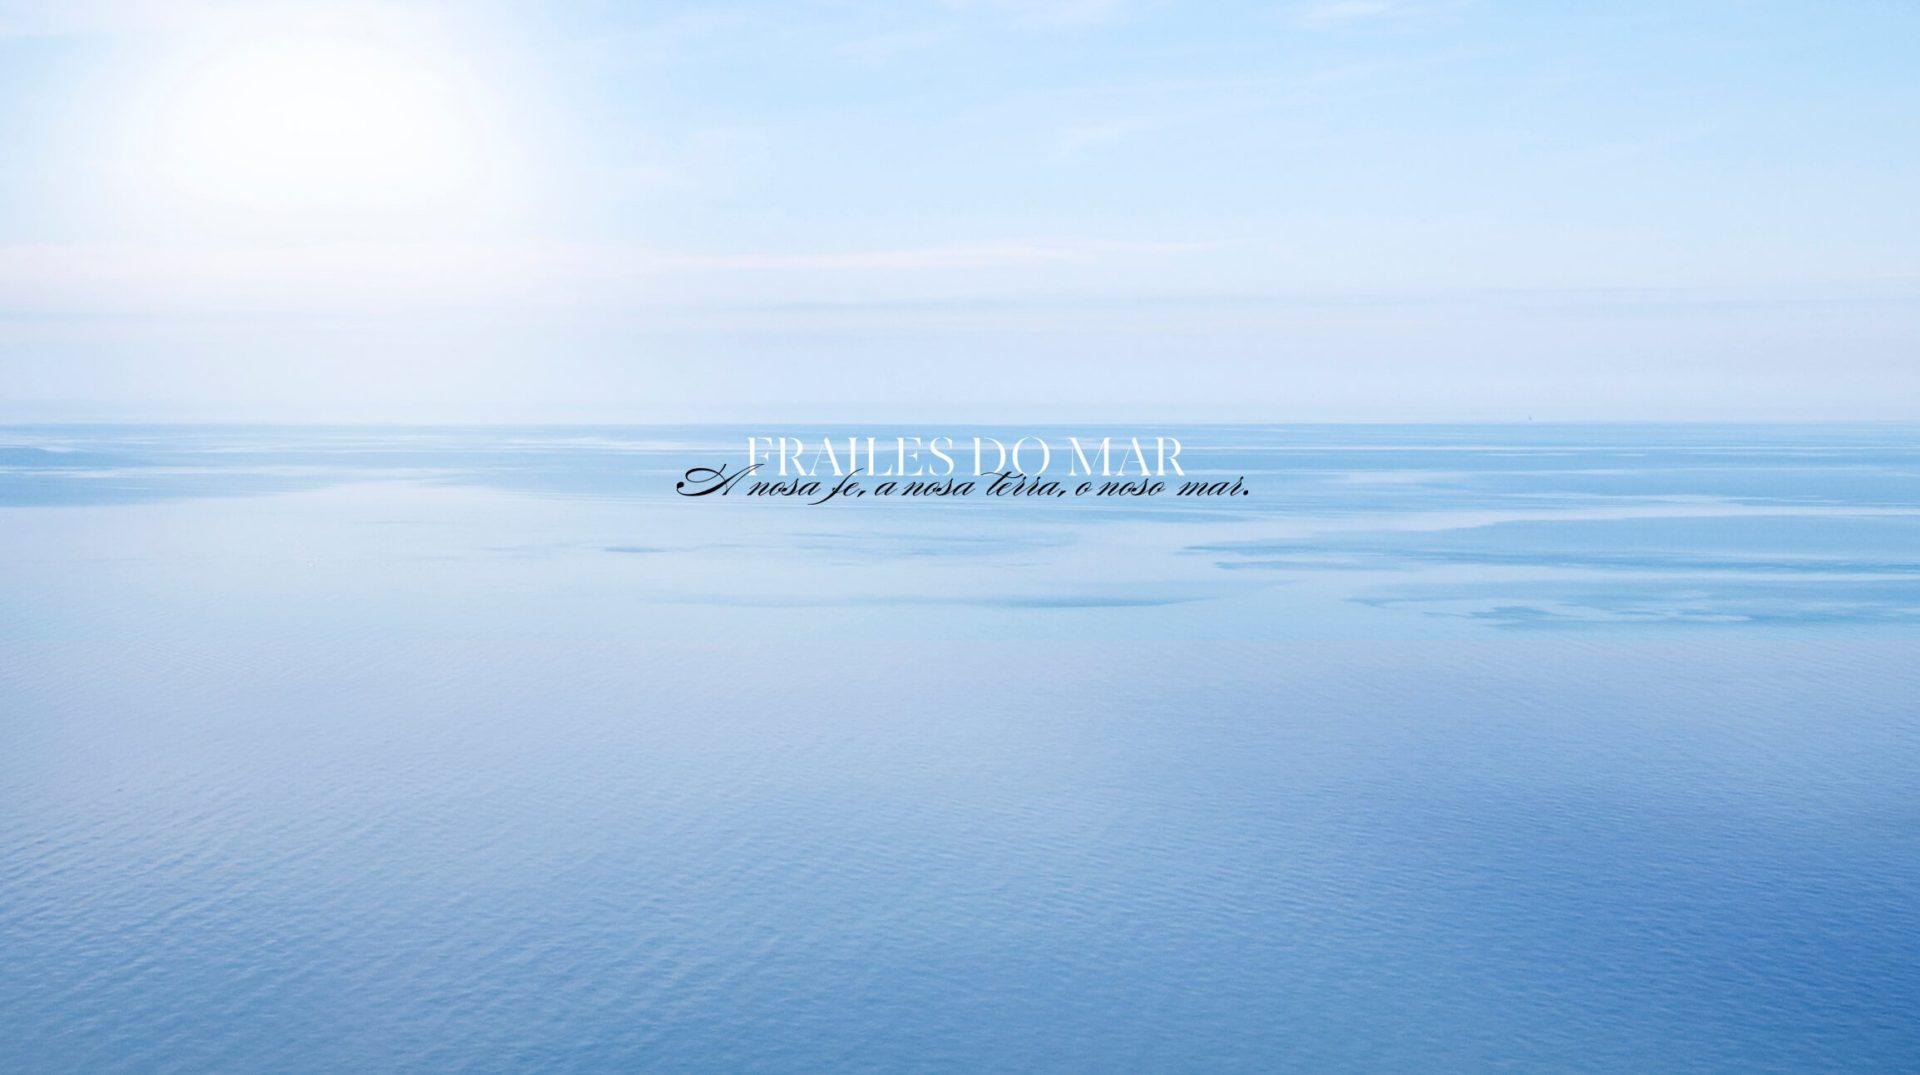 branding-inspiracion-azul-oceano-frailes-do-mar-vino-albariño